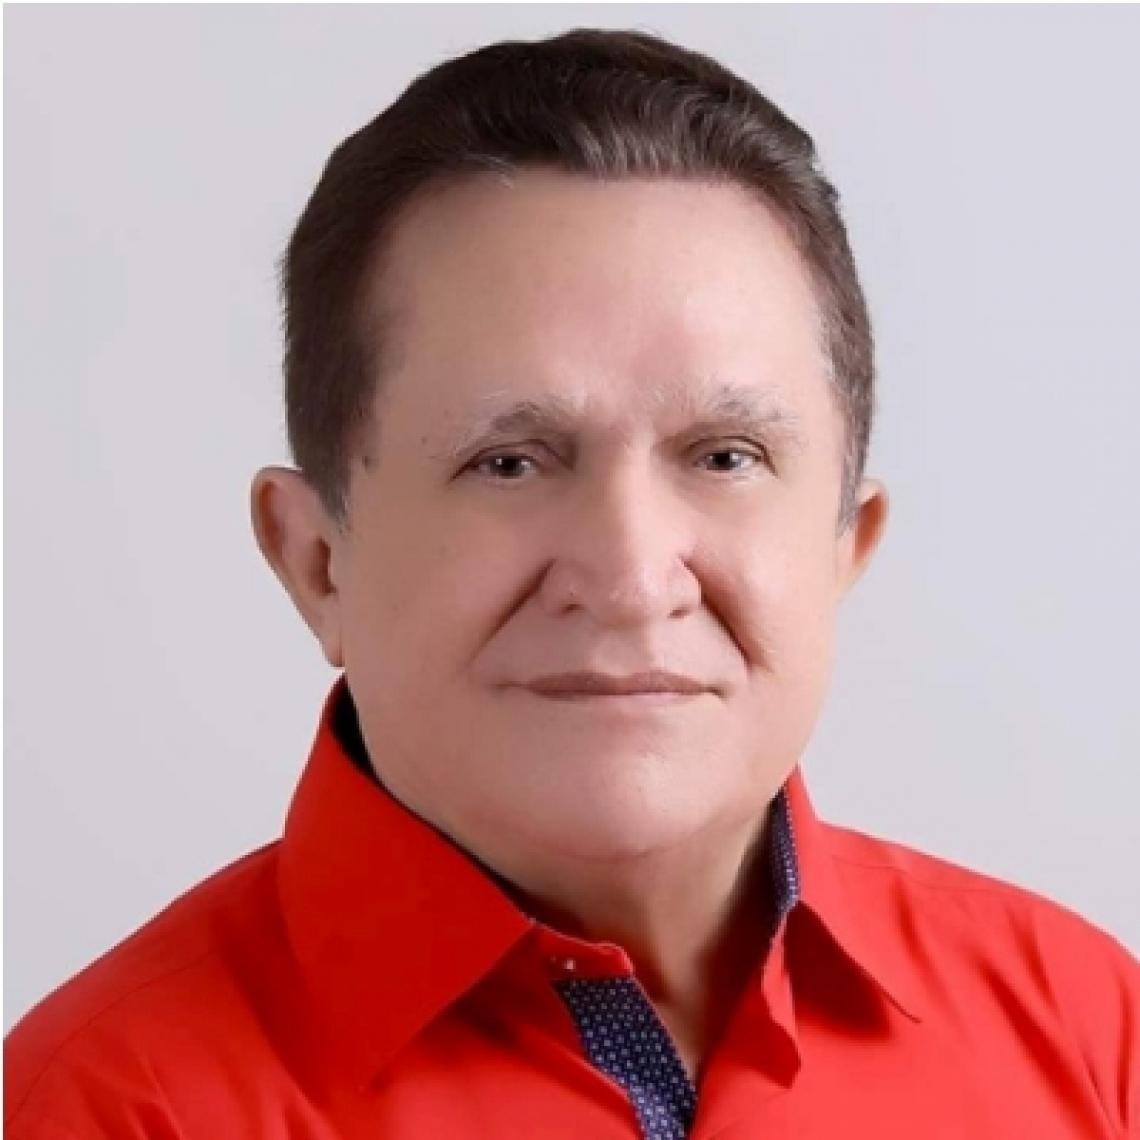 Os quatro acusados tentaram extorquir o prefeito de Uruburetama, José Hilson (PCdoB)